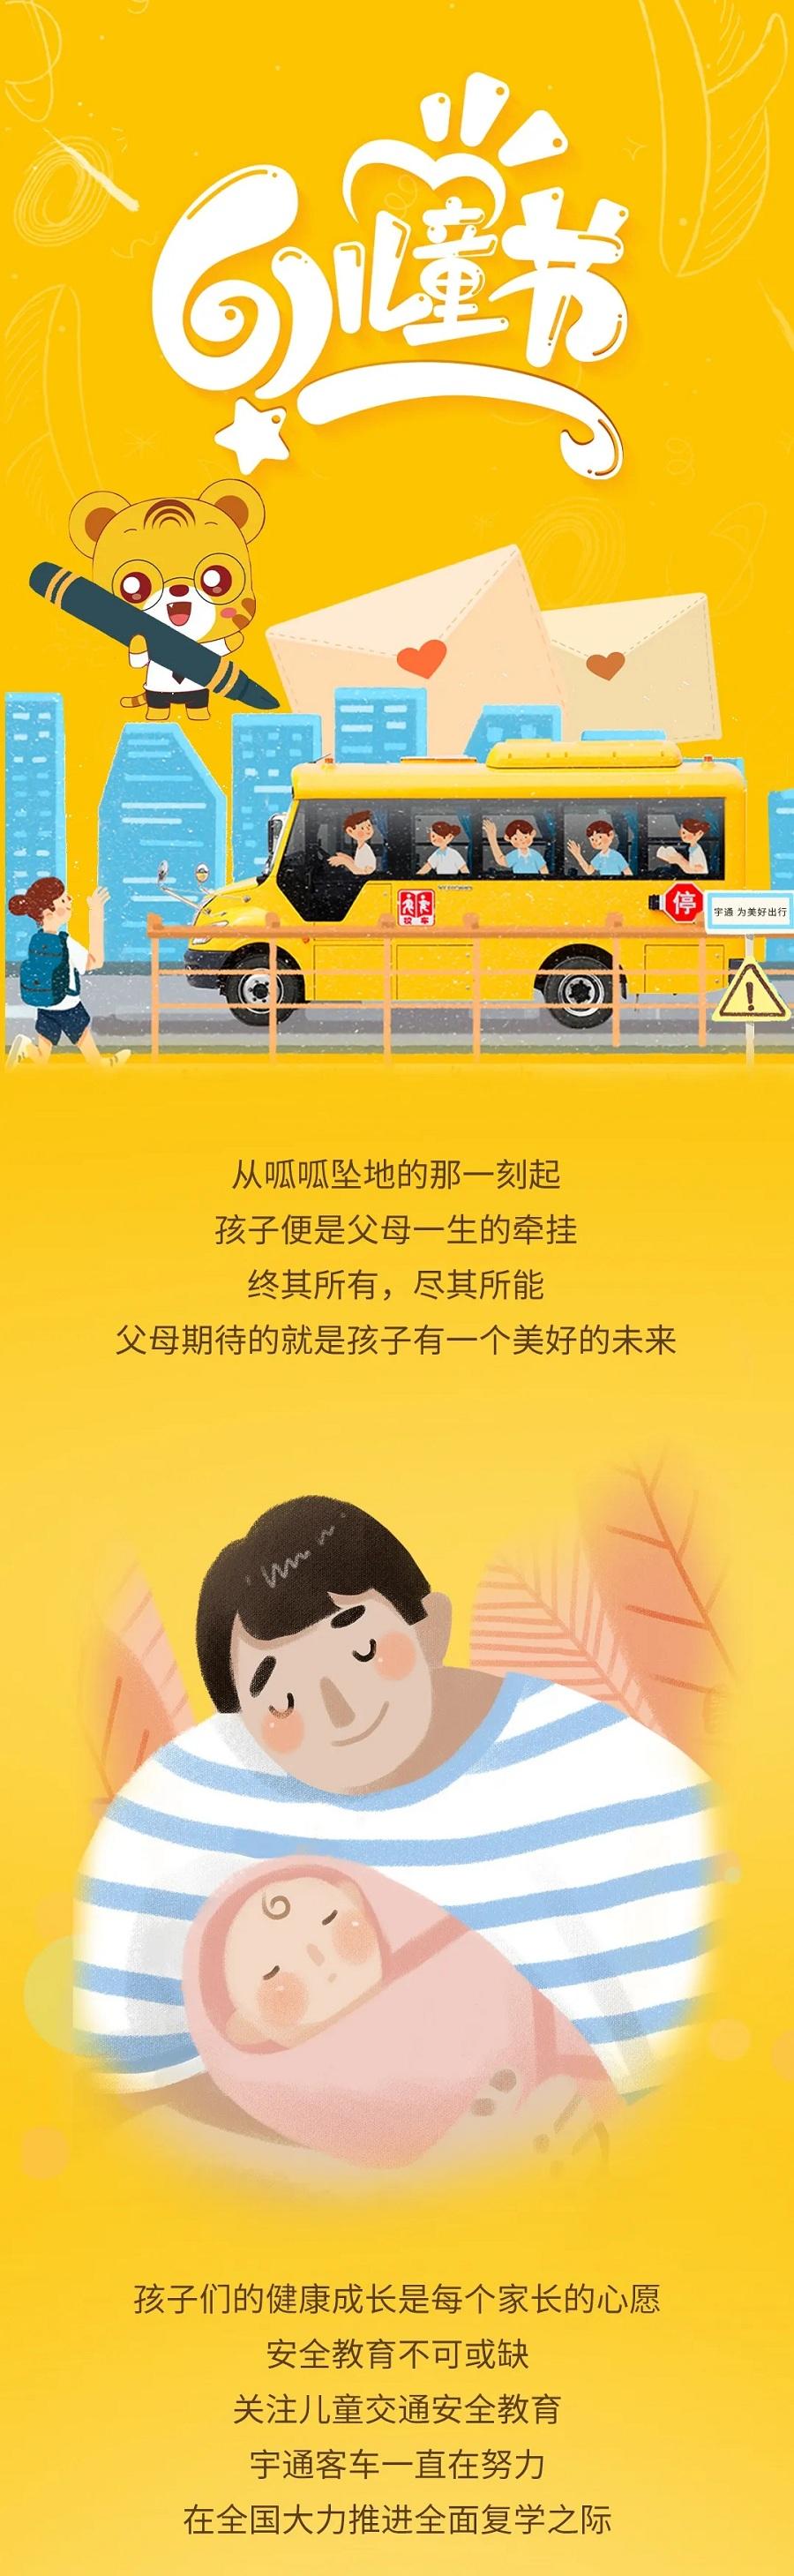 今年儿童节,宇通&壹基金送孩子特别的礼物